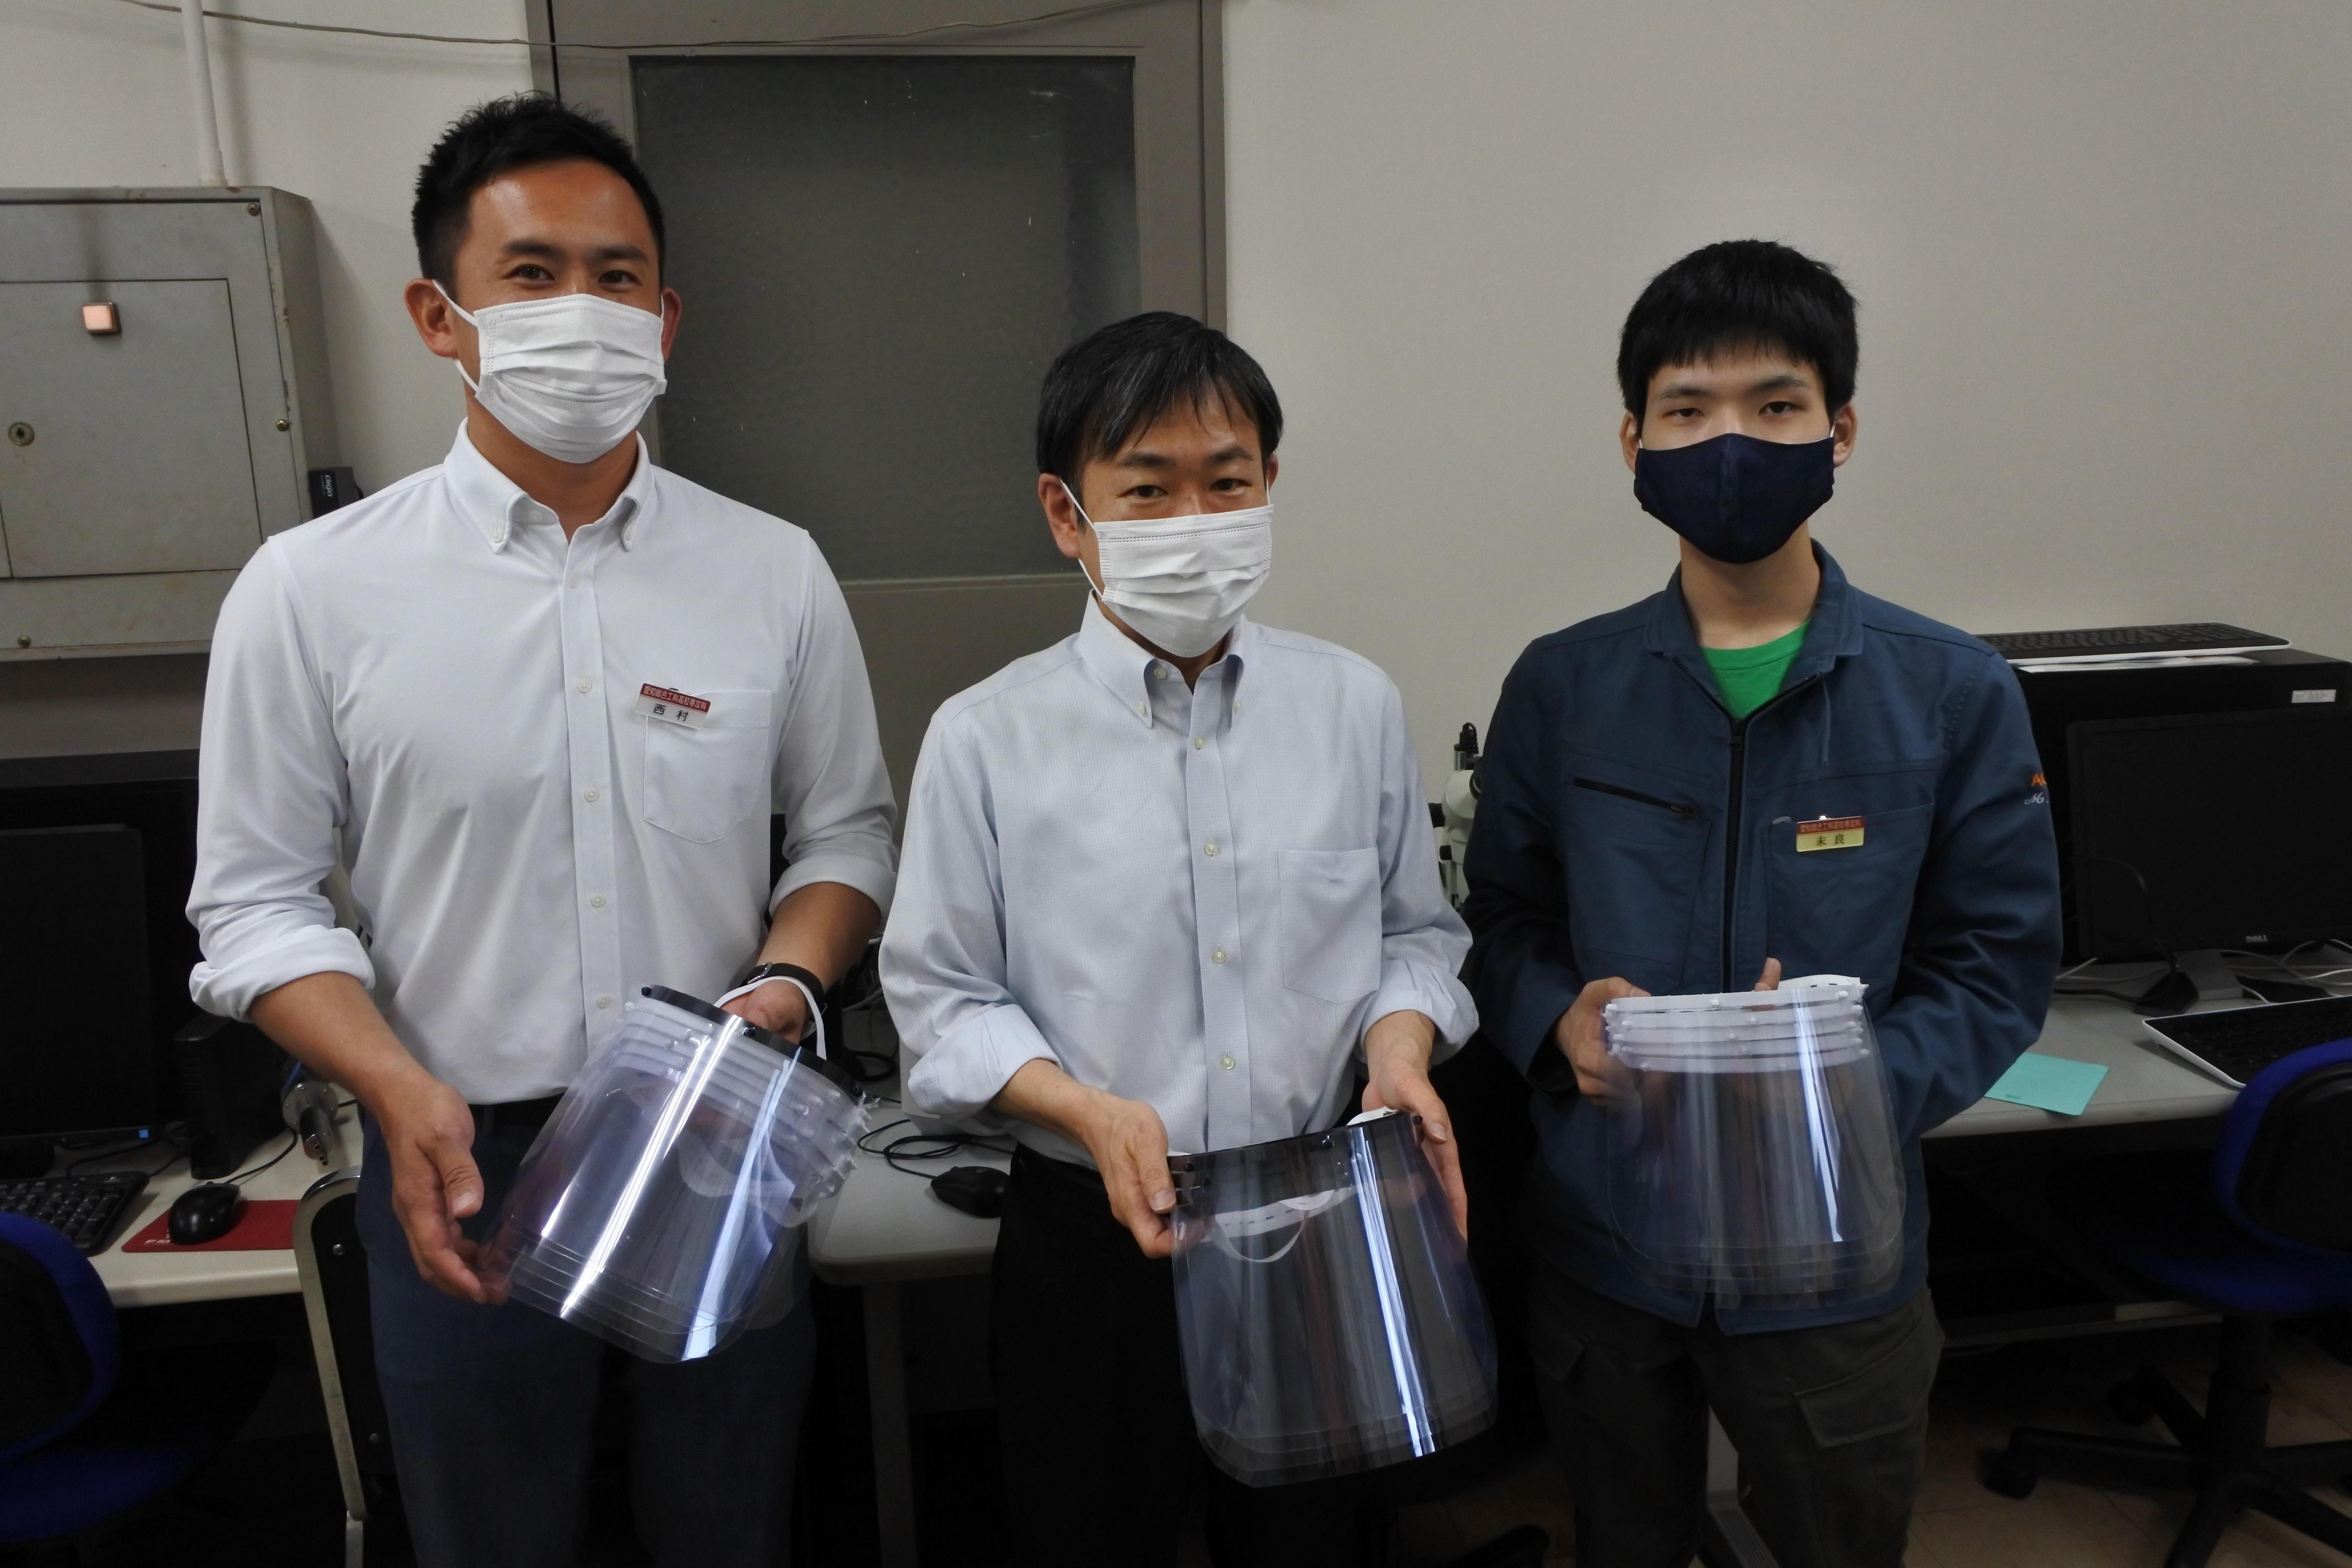 機械工学科への寄贈。(左から)西村さん、久保教授、末良さん